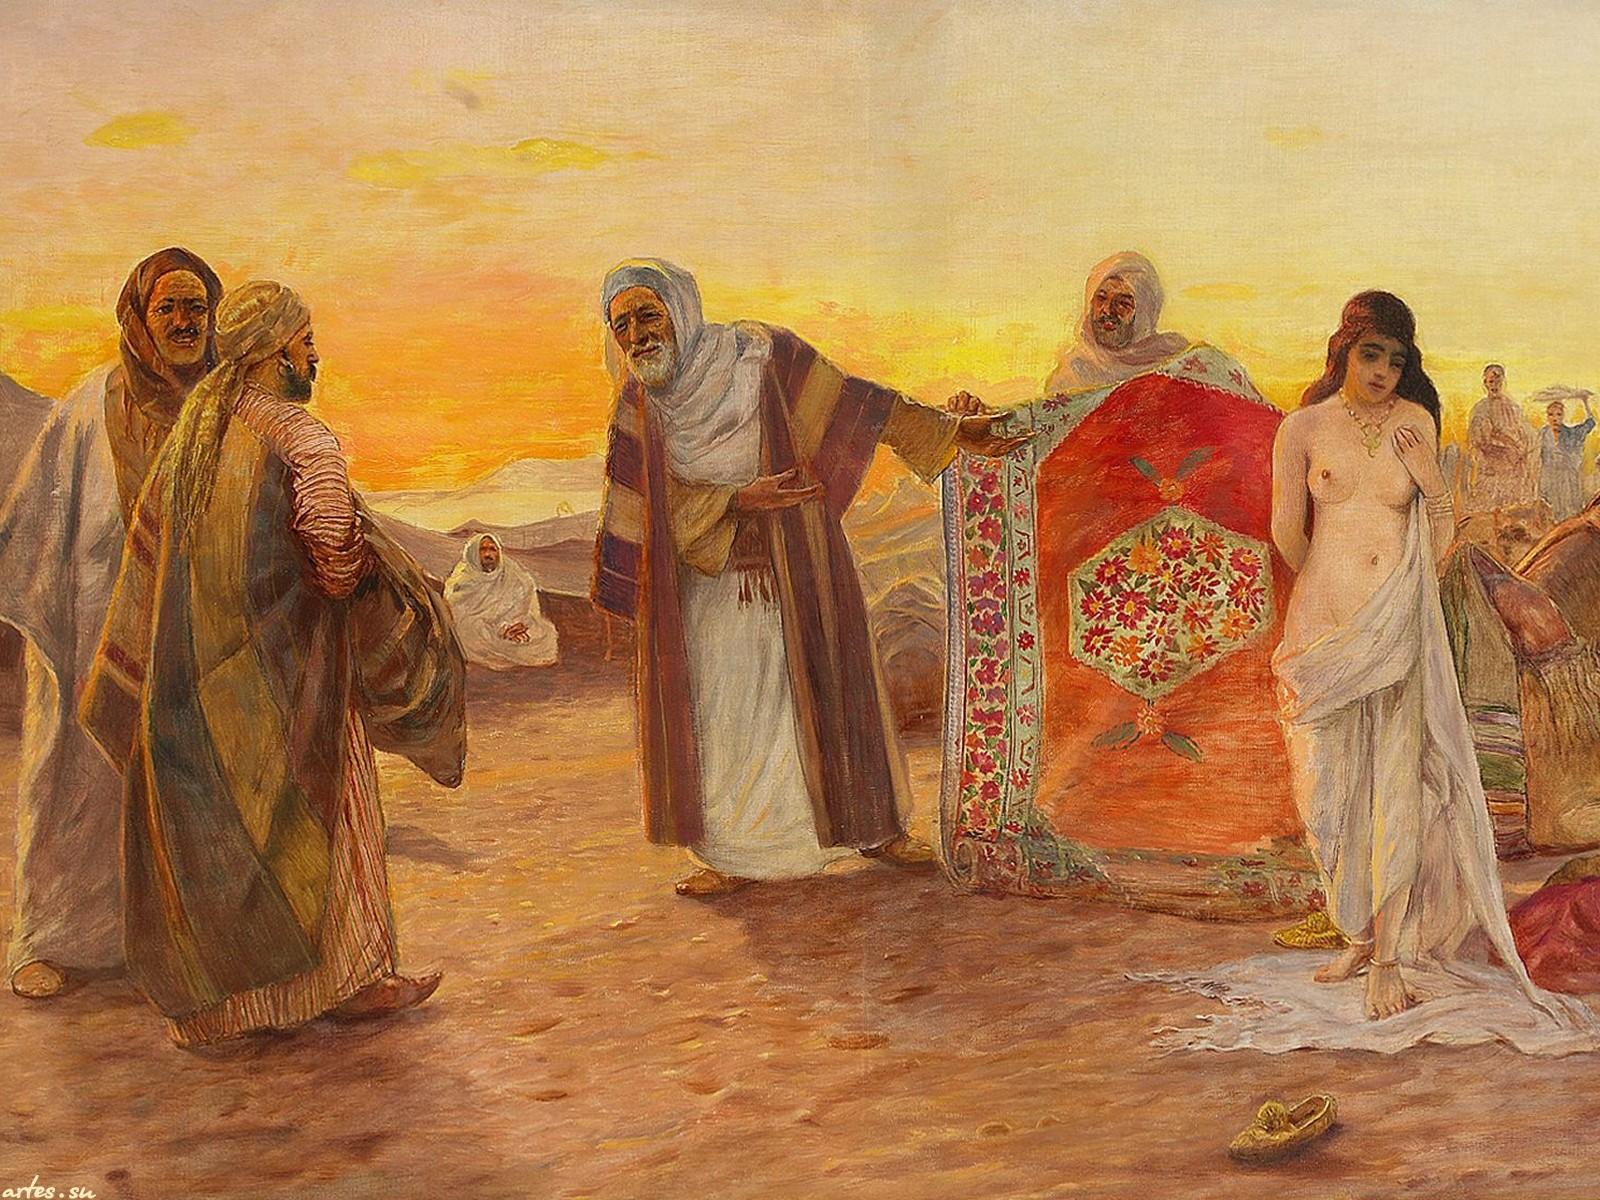 Vintage slave market harem - 3 part 6